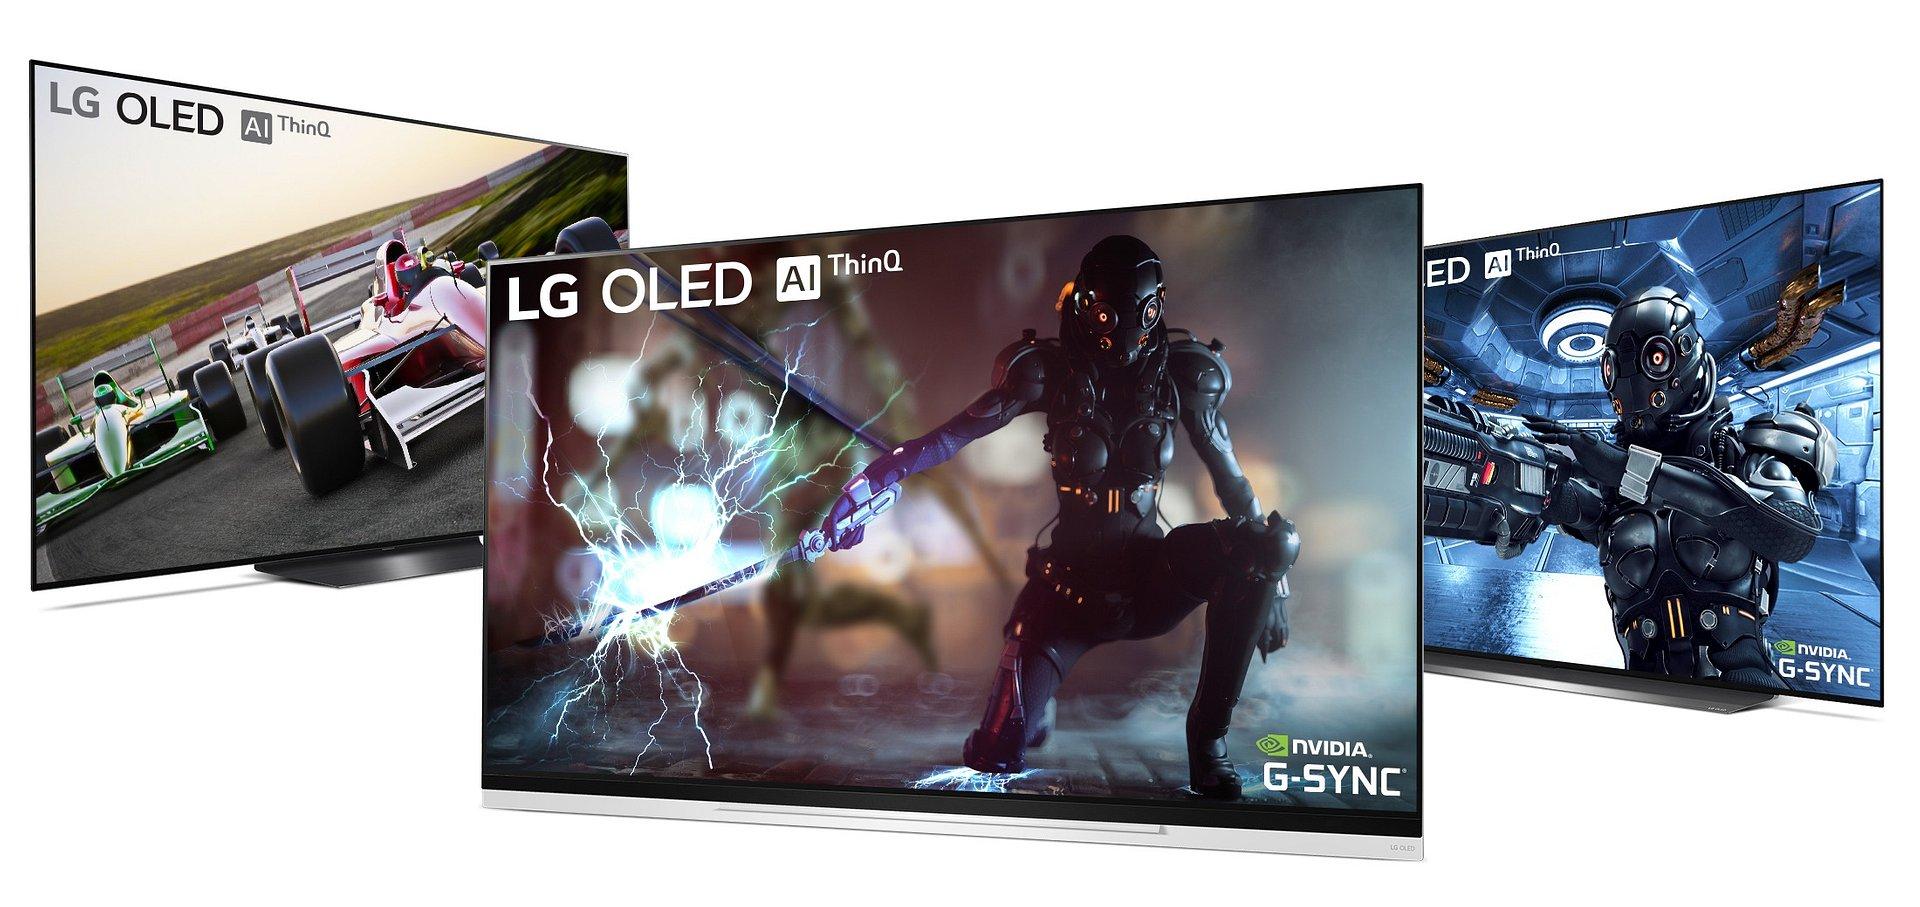 Nowy wymiar gier video na telewizorach LG OLED! Kompatybilność z NVIDIA G-SYNC już w tym tygodniu